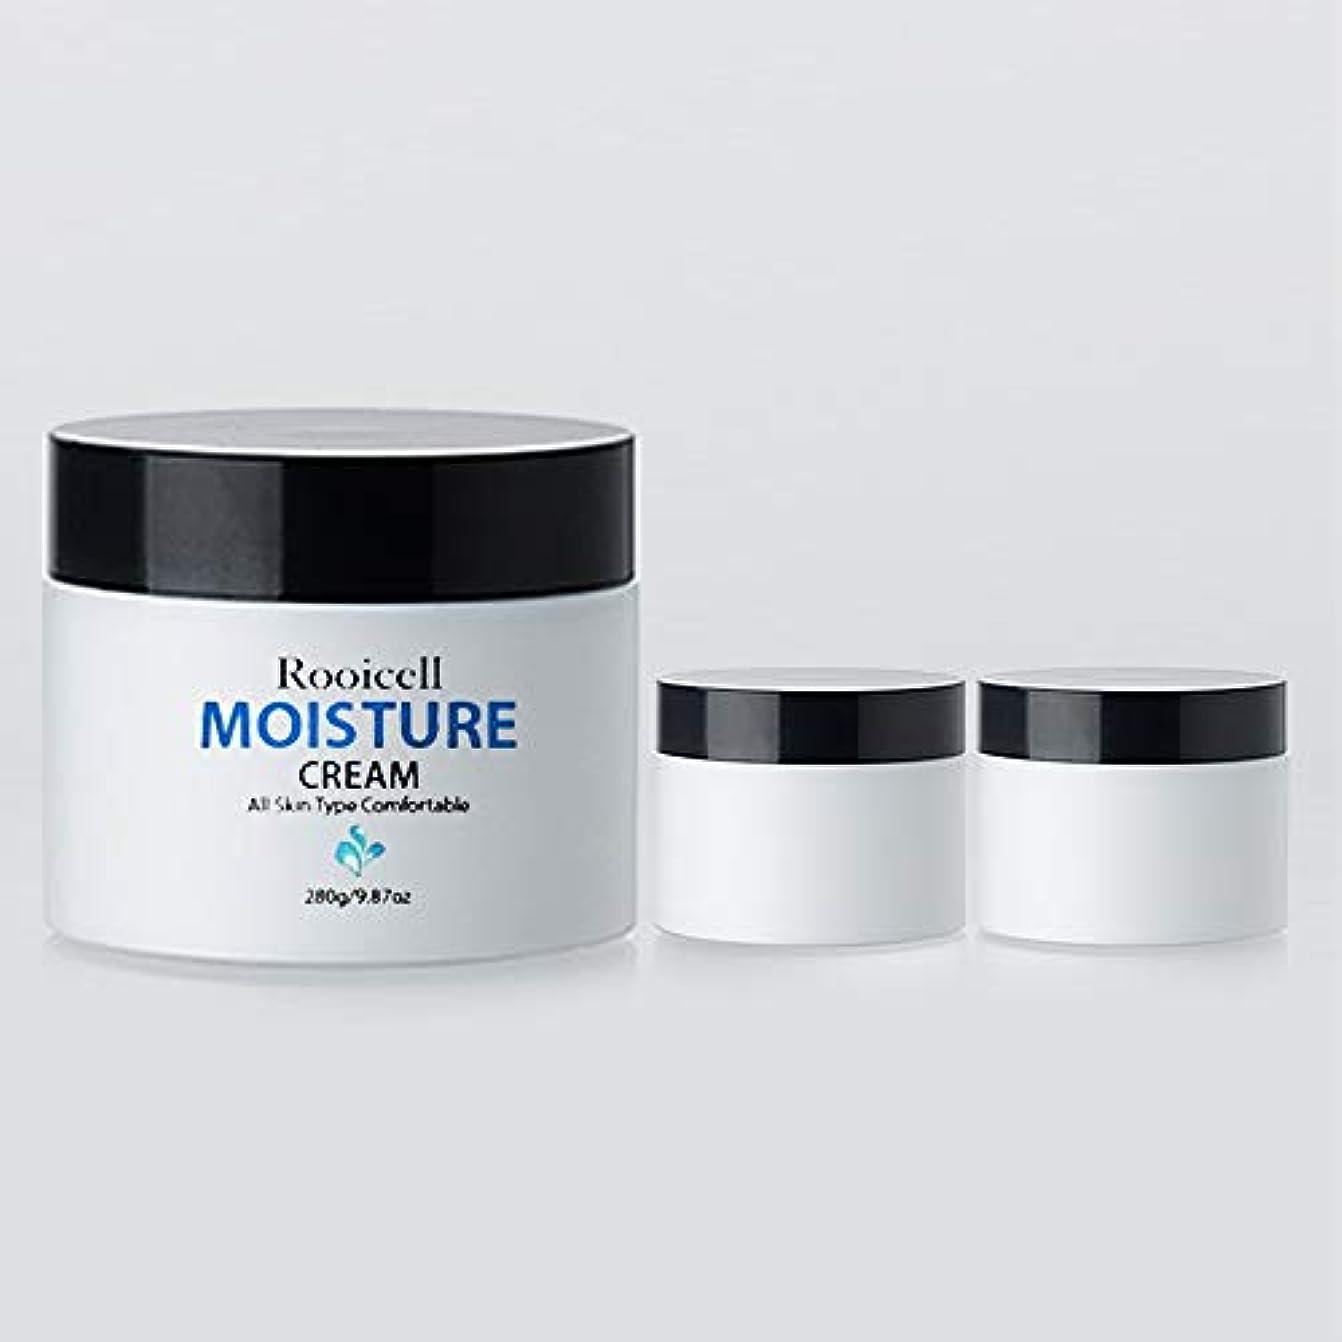 レディ徴収ストライプ[ Rooicell ] ルイセル モイスチャークリーム 280g Korea cosmetic (moisture cream 280g)